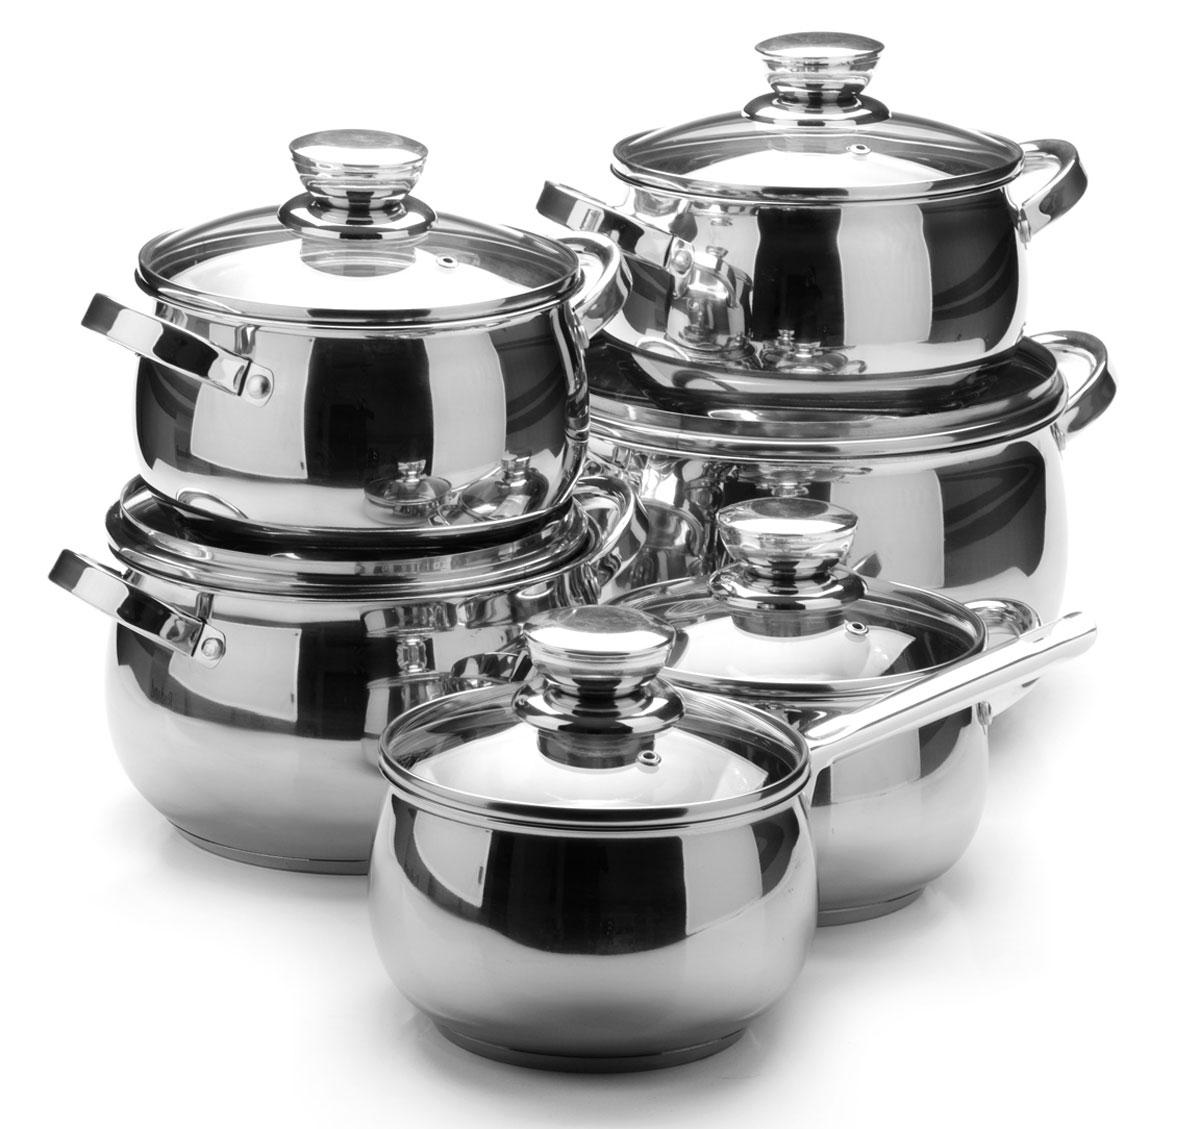 Набор посуды Mayer & Boch, 12 предметов. 2603926039Набор посуды станет отличным дополнением к набору кухонной утвари. С его приобретением приготовление ваших любимых блюд перейдет на качественно новый уровень и вы сможете воплотить в жизнь любые кулинарные идеи. В комплект входят 12 предметов: сотейник (объем 2,1 л), 3 кастрюли (объем 2,1, 3,9, 6,6 л) и 2 кастрюли ( объем 2,9 л), 6 крышек. Набор многофункционален и удобен в использовании, подойдет для варки супов, приготовления блюд из мяса и рыбы, гарниров, соусов т. д.